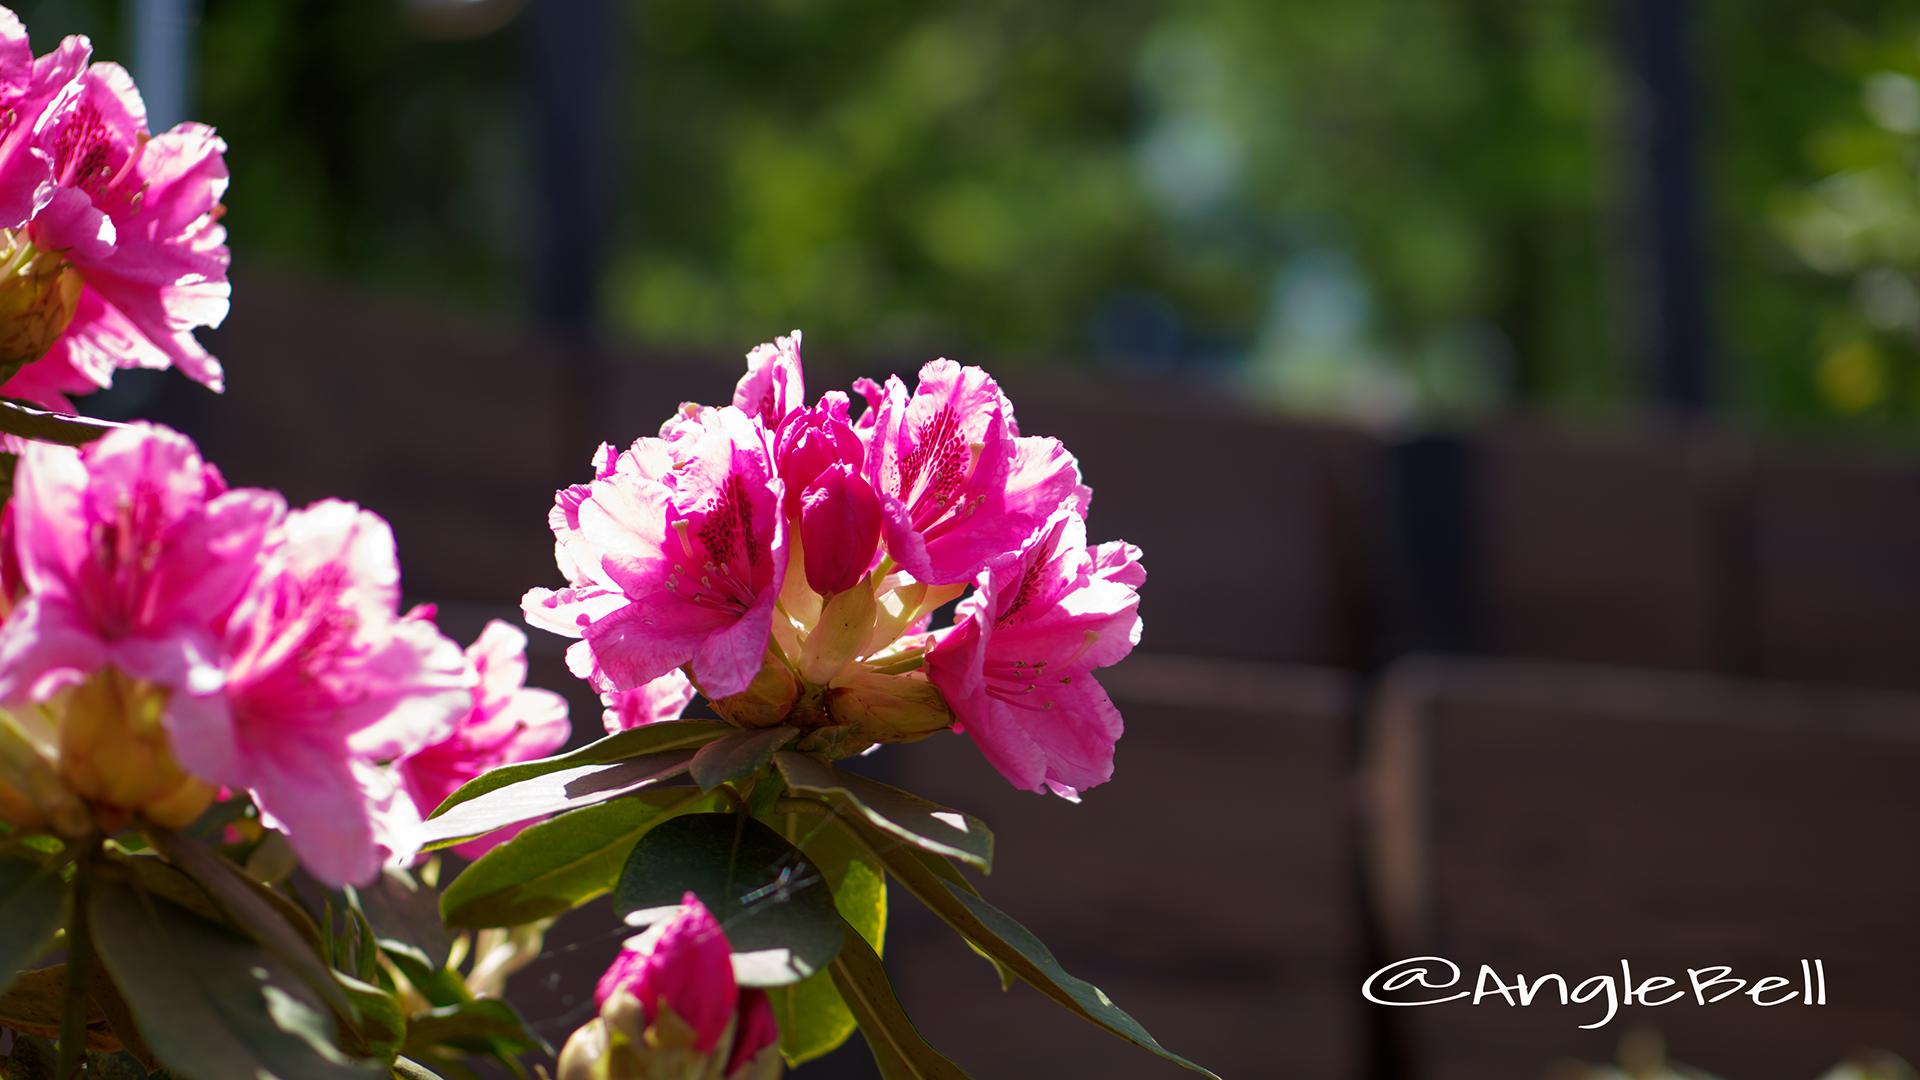 ギンガ 銀河 (石楠花) Flower Photo2